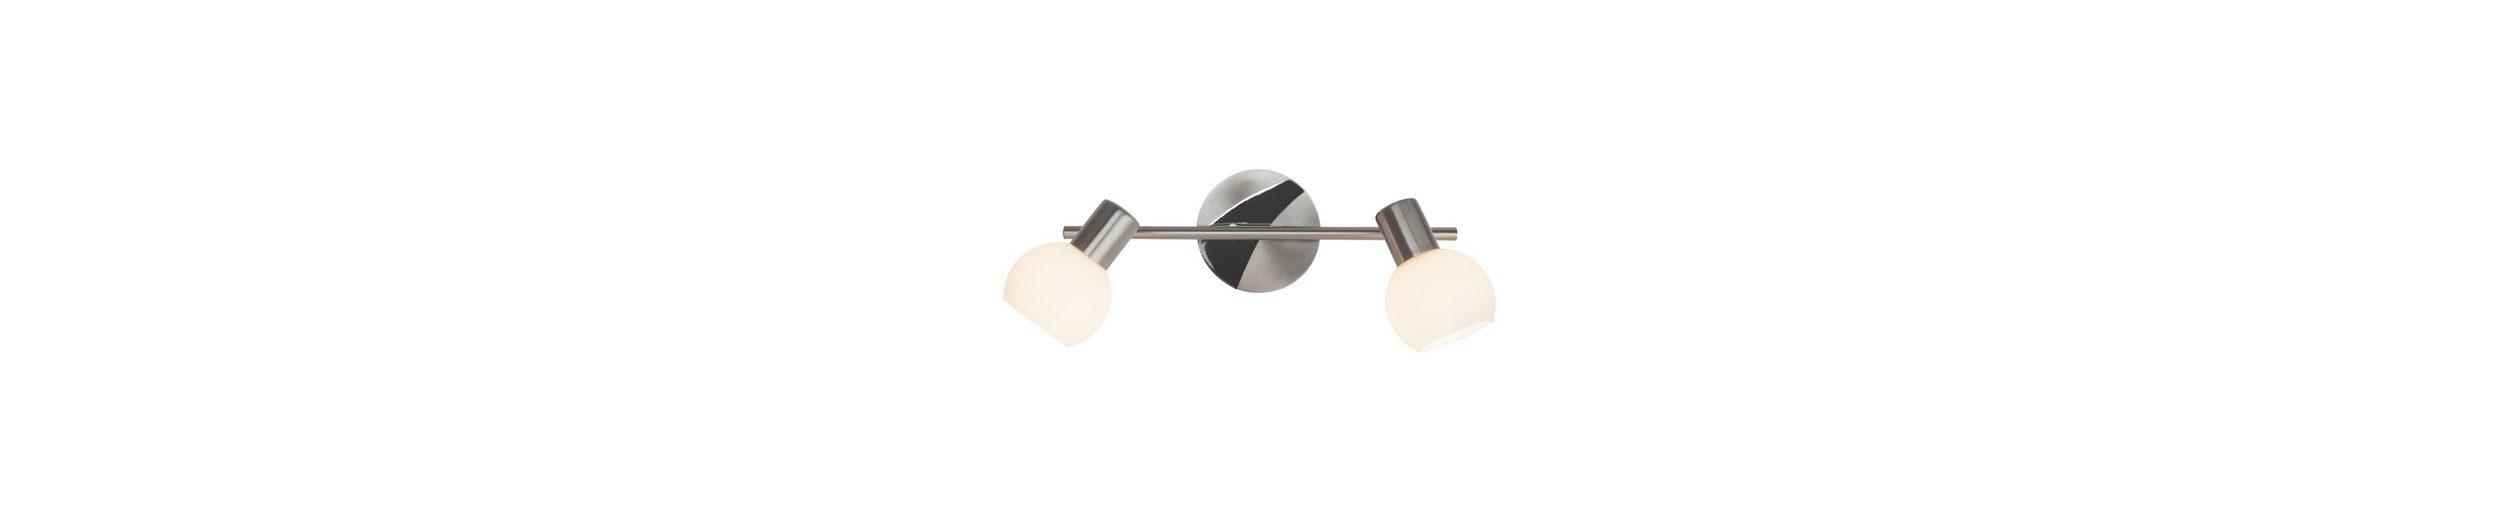 Brilliant Leuchten Tiara Spotrohr, 2-flammig eisen/weiß